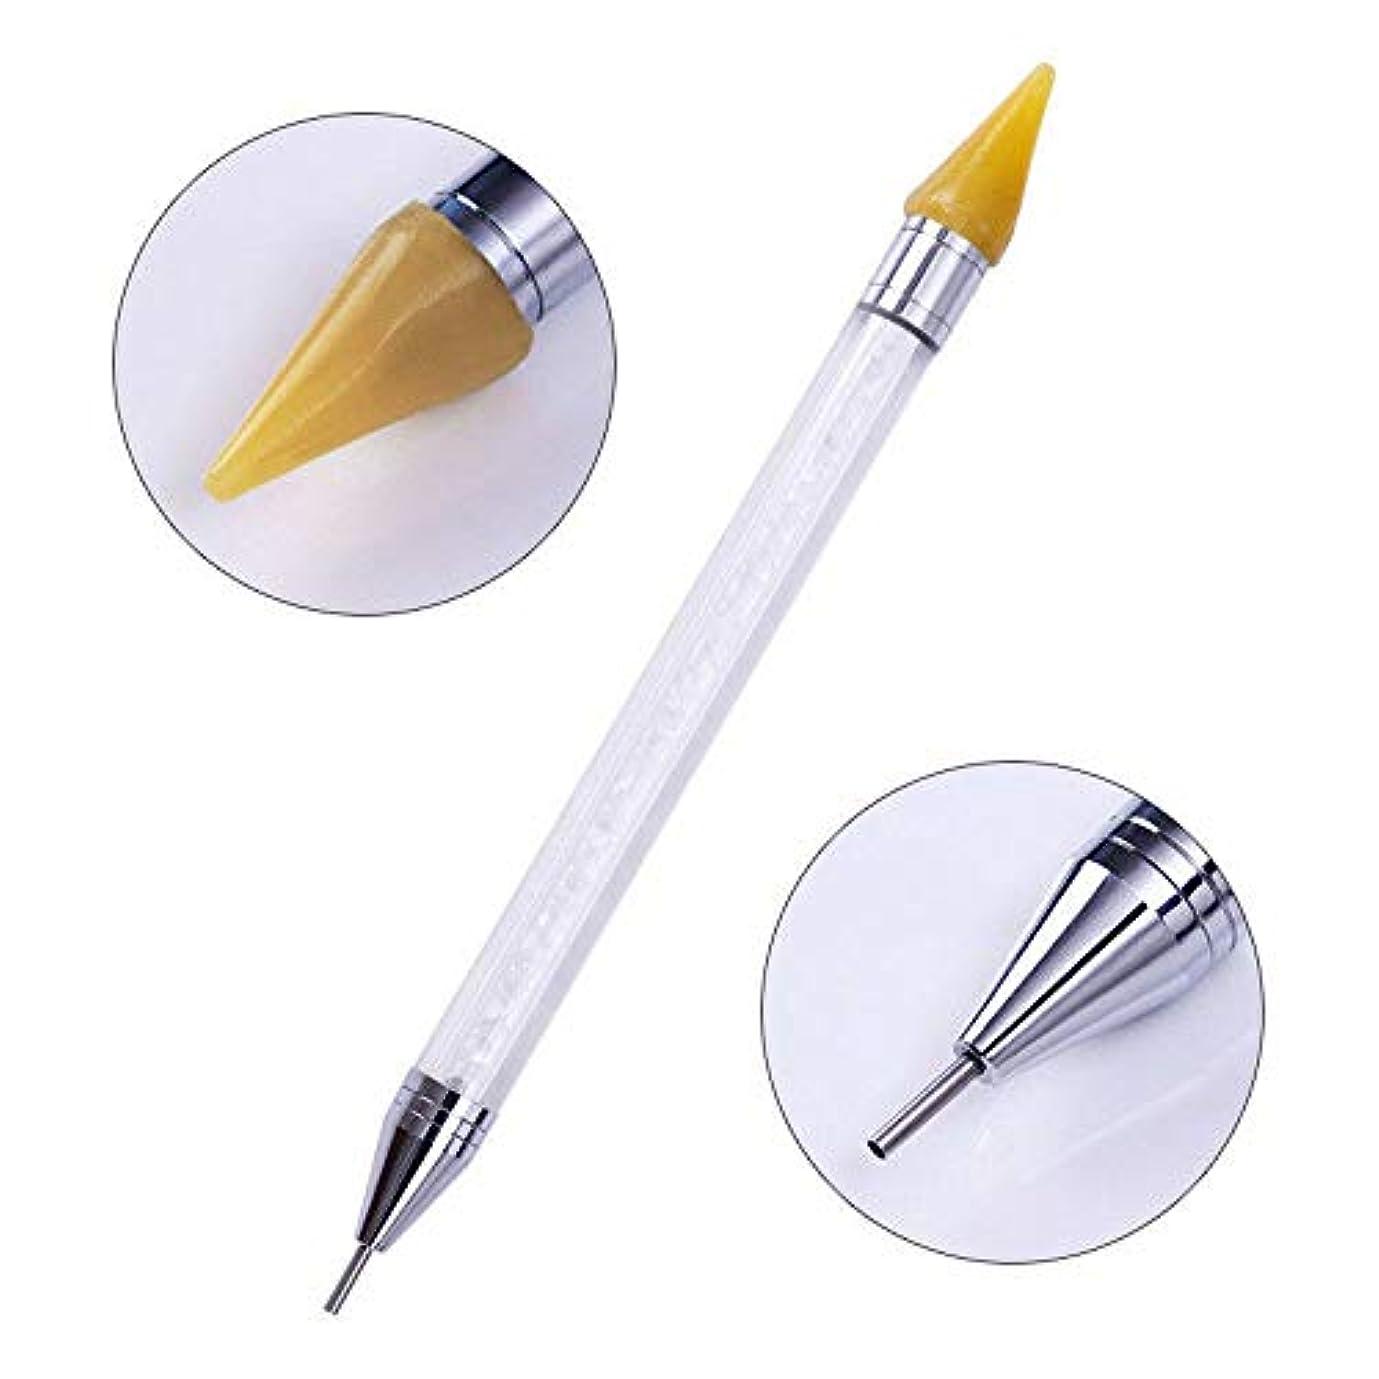 ヒップこする許されるFidgetGear ネイルアートラインストーンピッカーワックス鉛筆クリスタルビーズのハンドルデュアルエンドドットペン